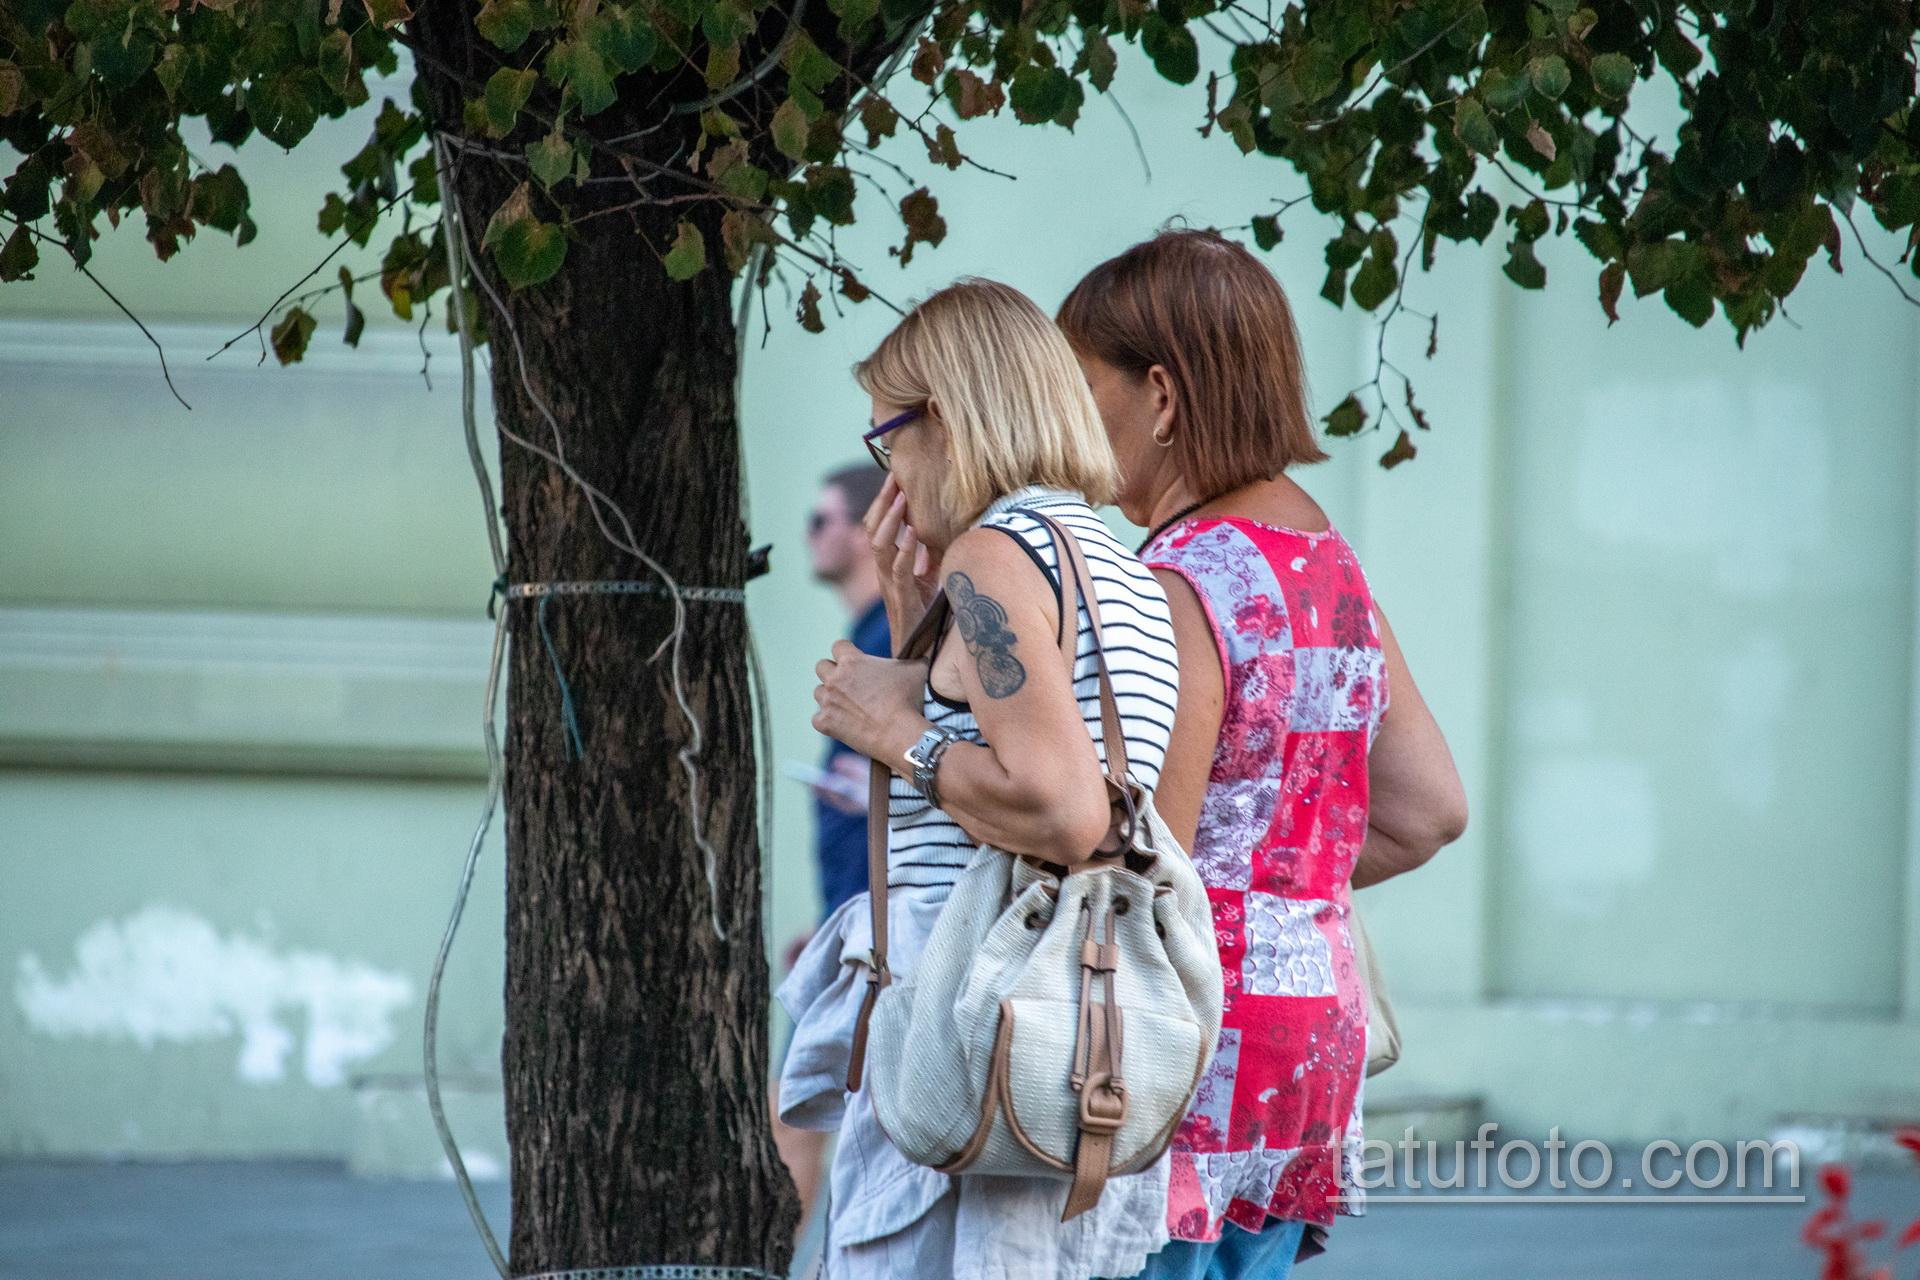 Татуировка с кругами на правом плече женщины в возрасте – Уличная татуировка 14.09.2020 – tatufoto.com 77